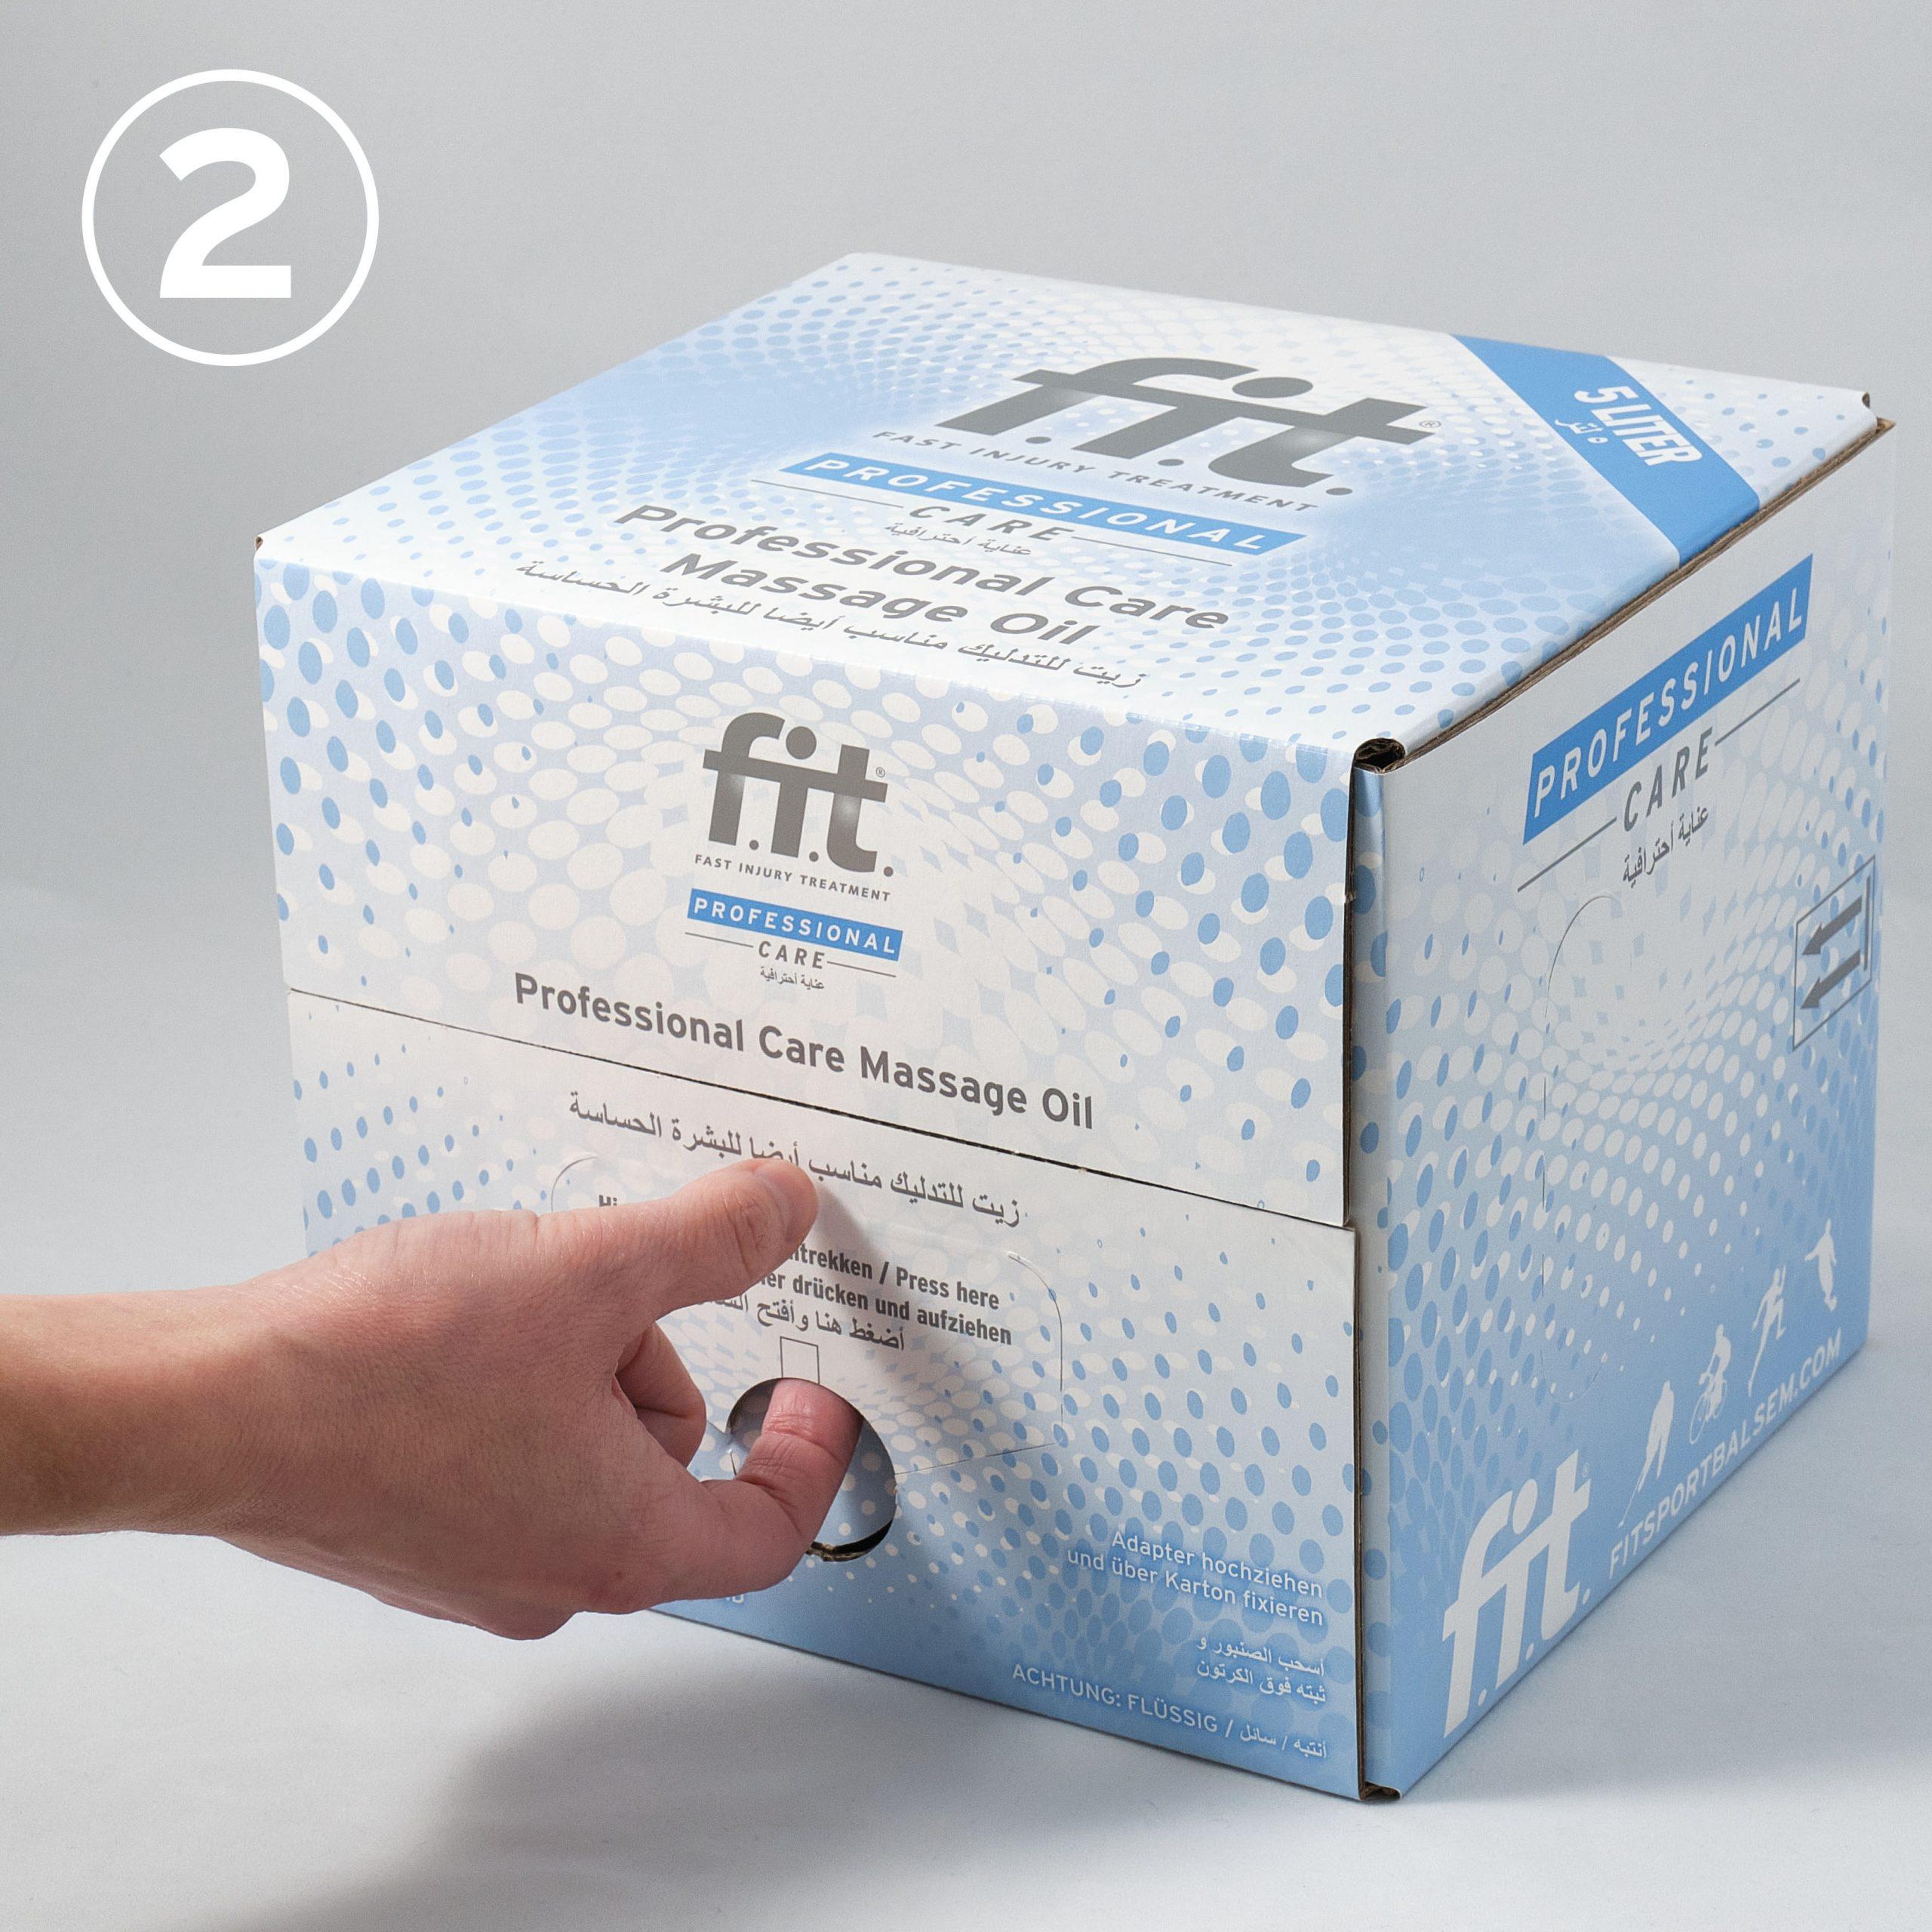 FIT Massageolie 5 liter gebruiksaanwijzing 2